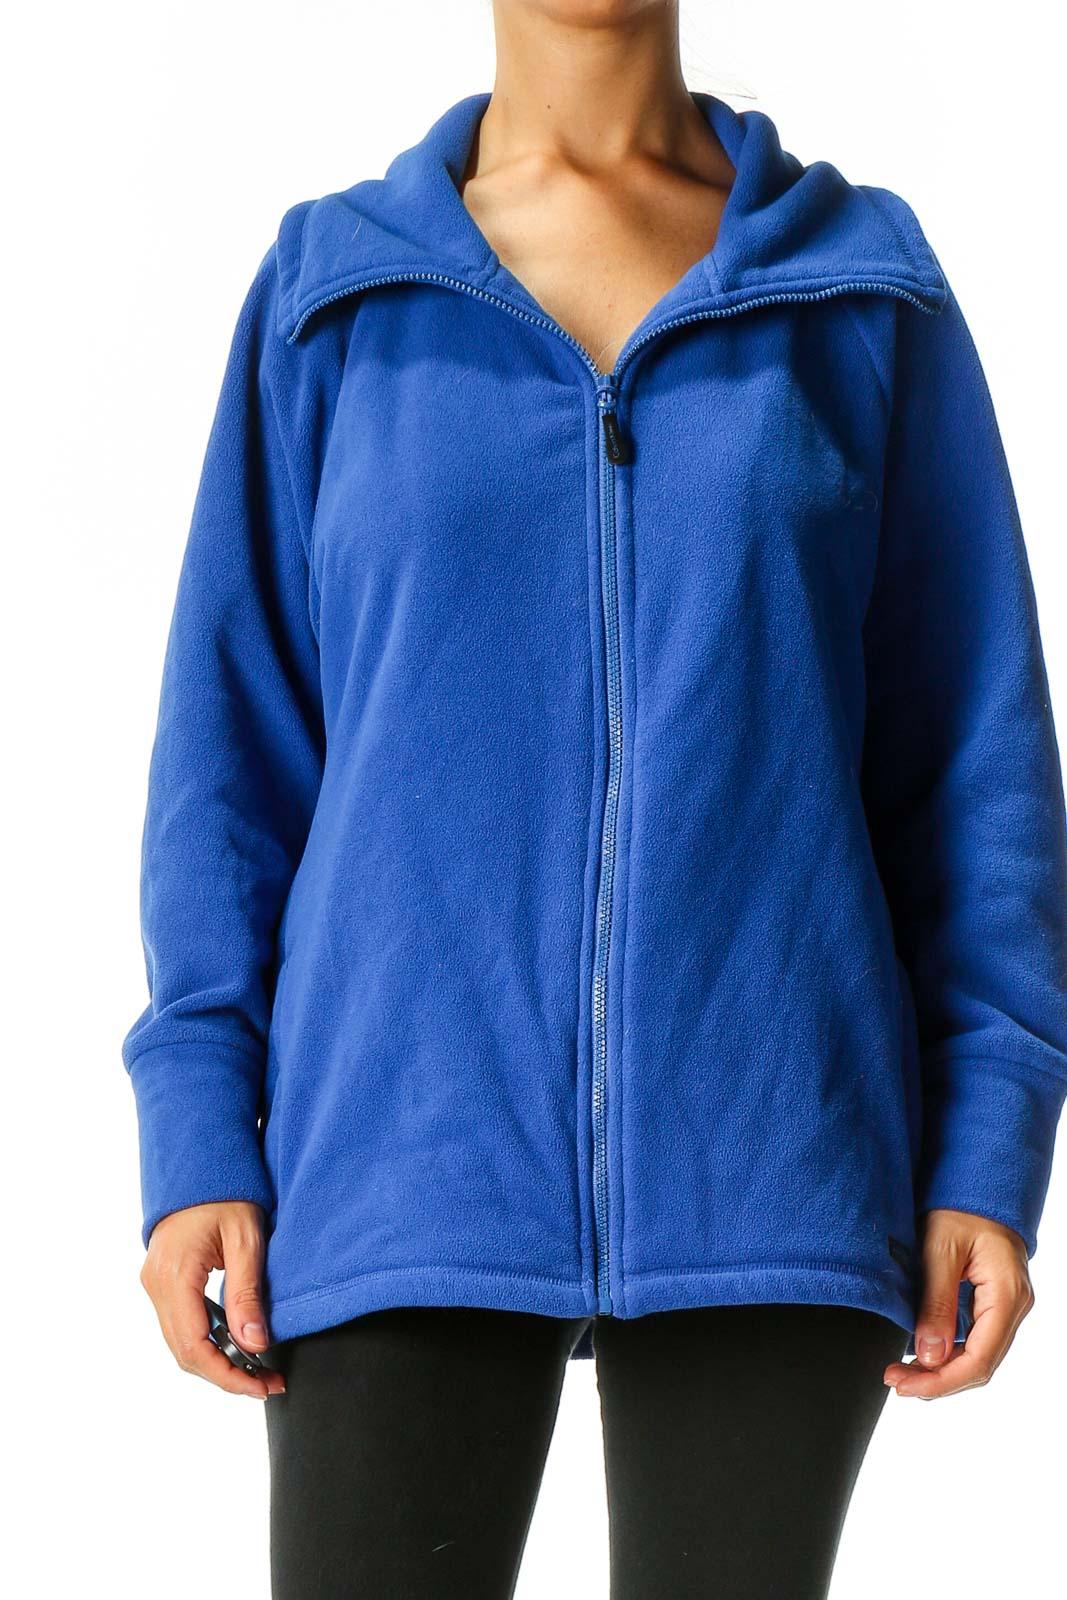 Blue Windbreaker Jacket Front